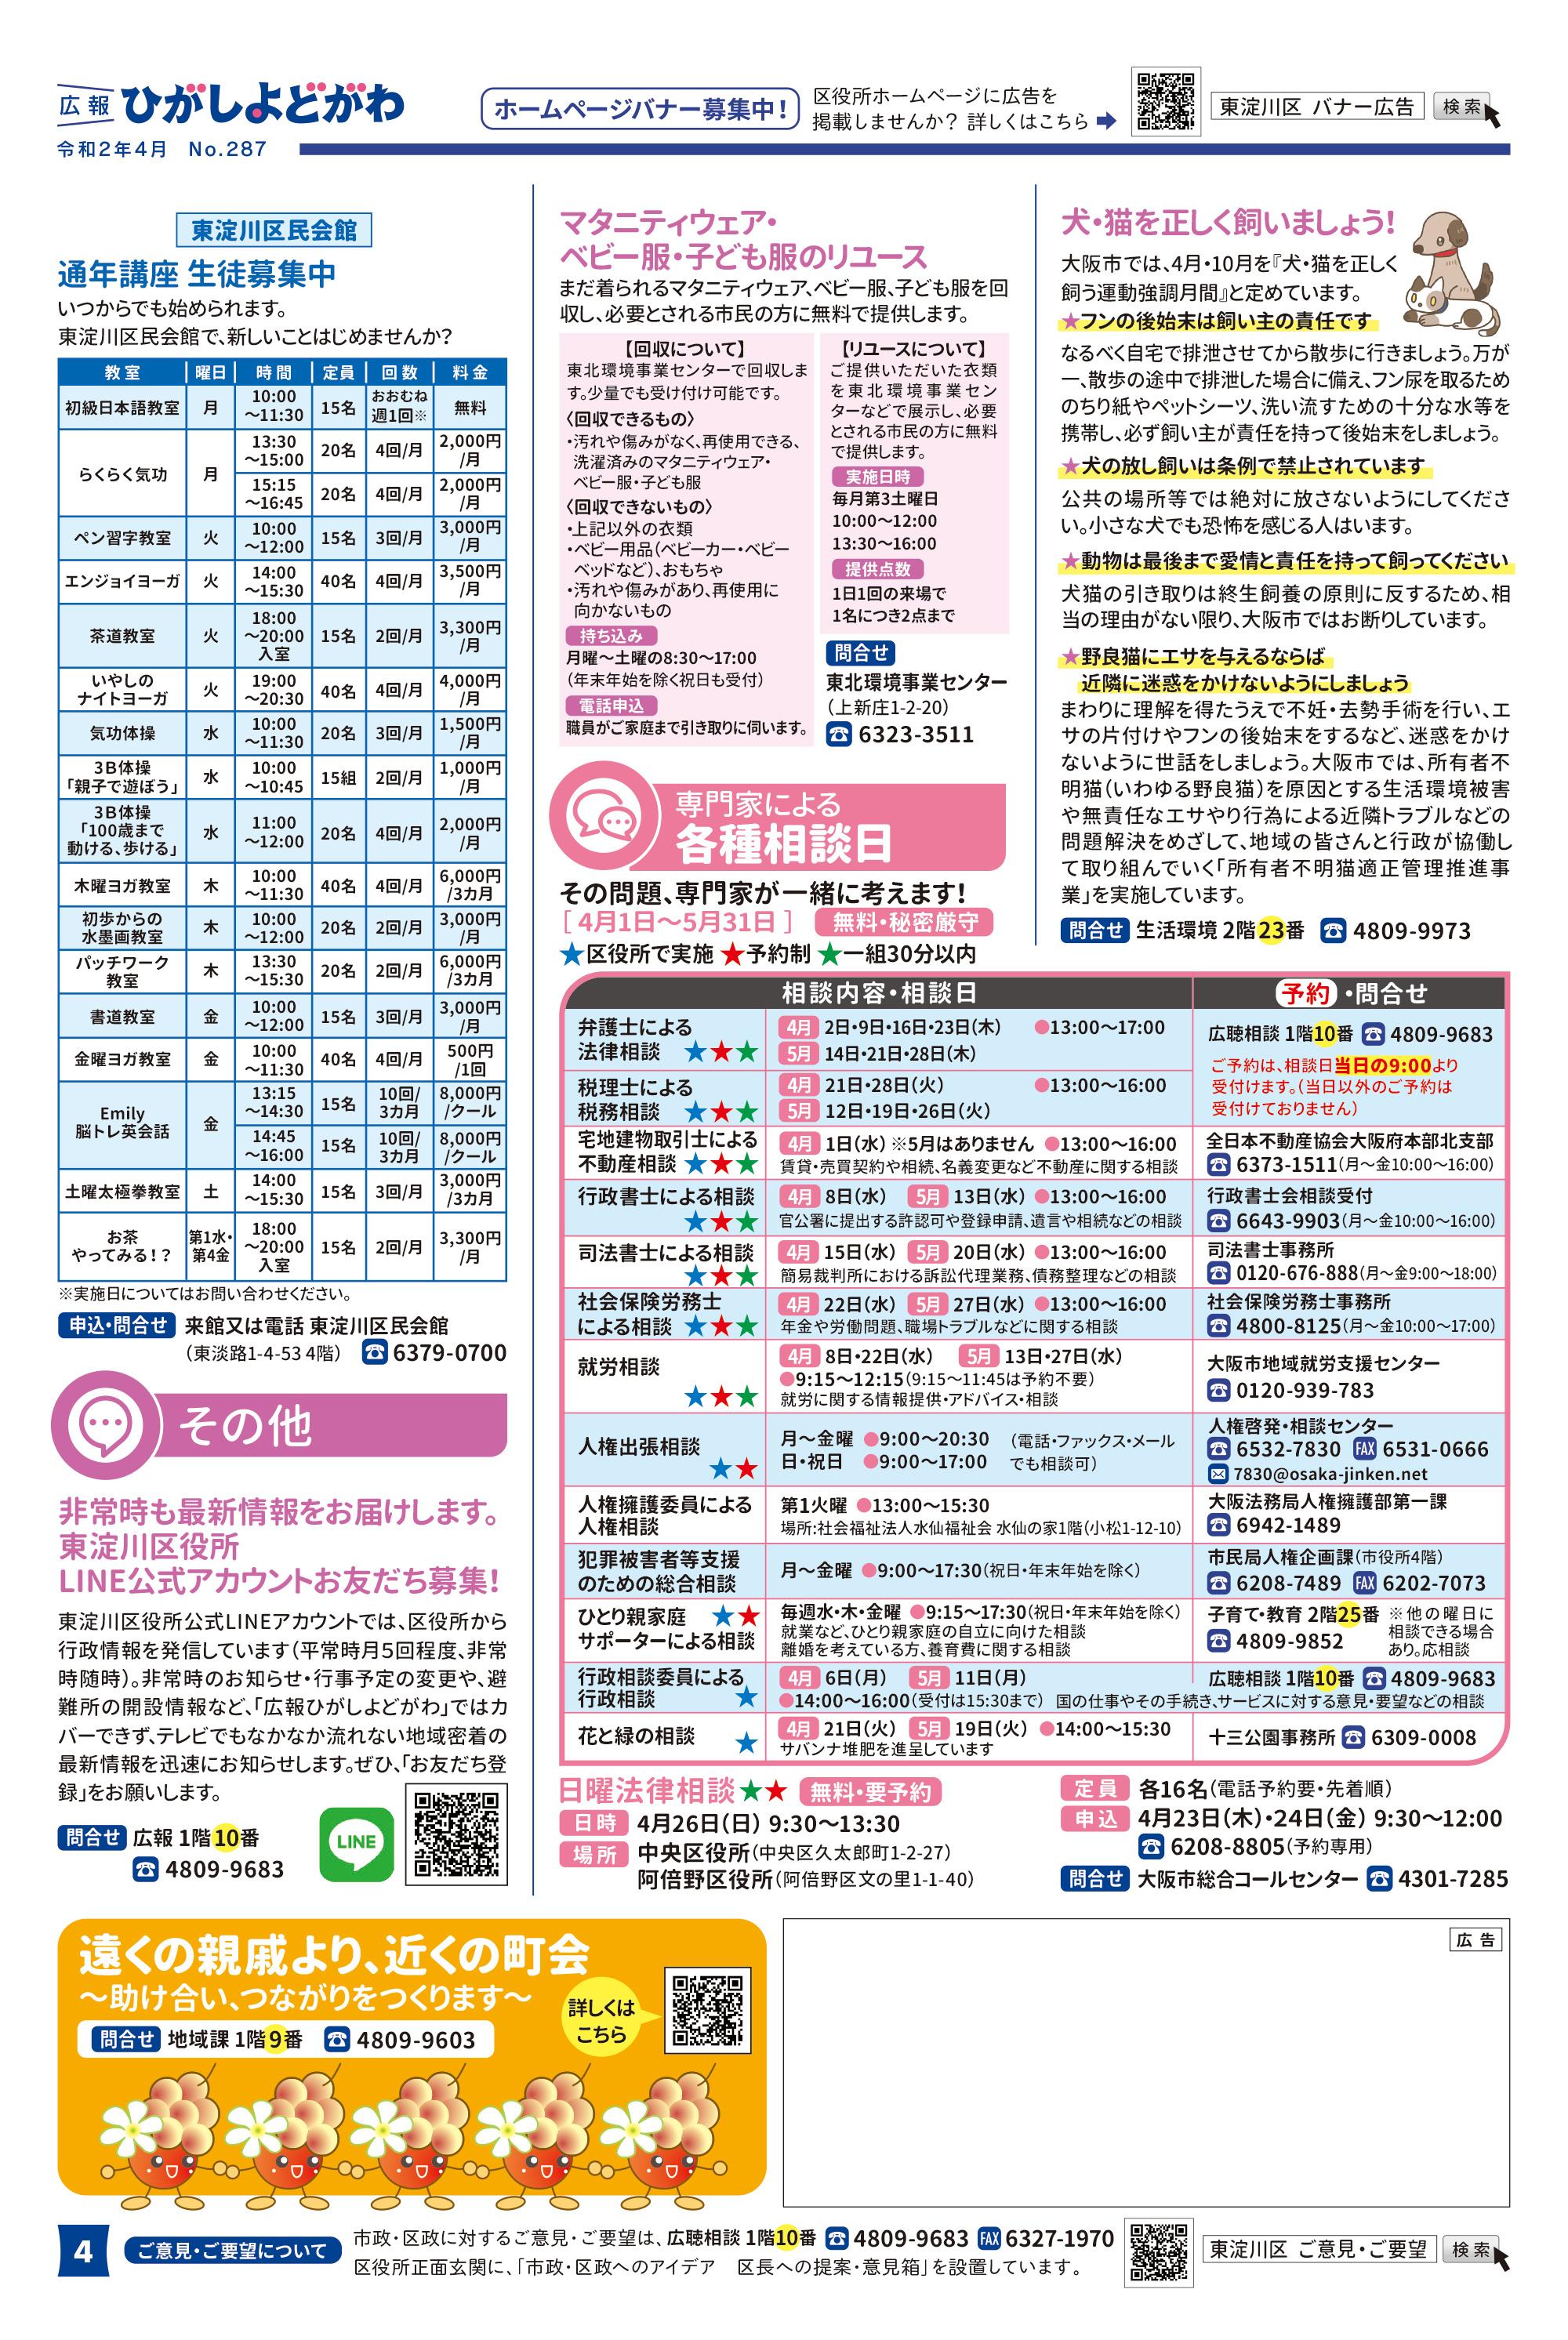 広報ひがしよどがわ2020年4月号|ひらけ!区政会議(大阪市東淀川区)